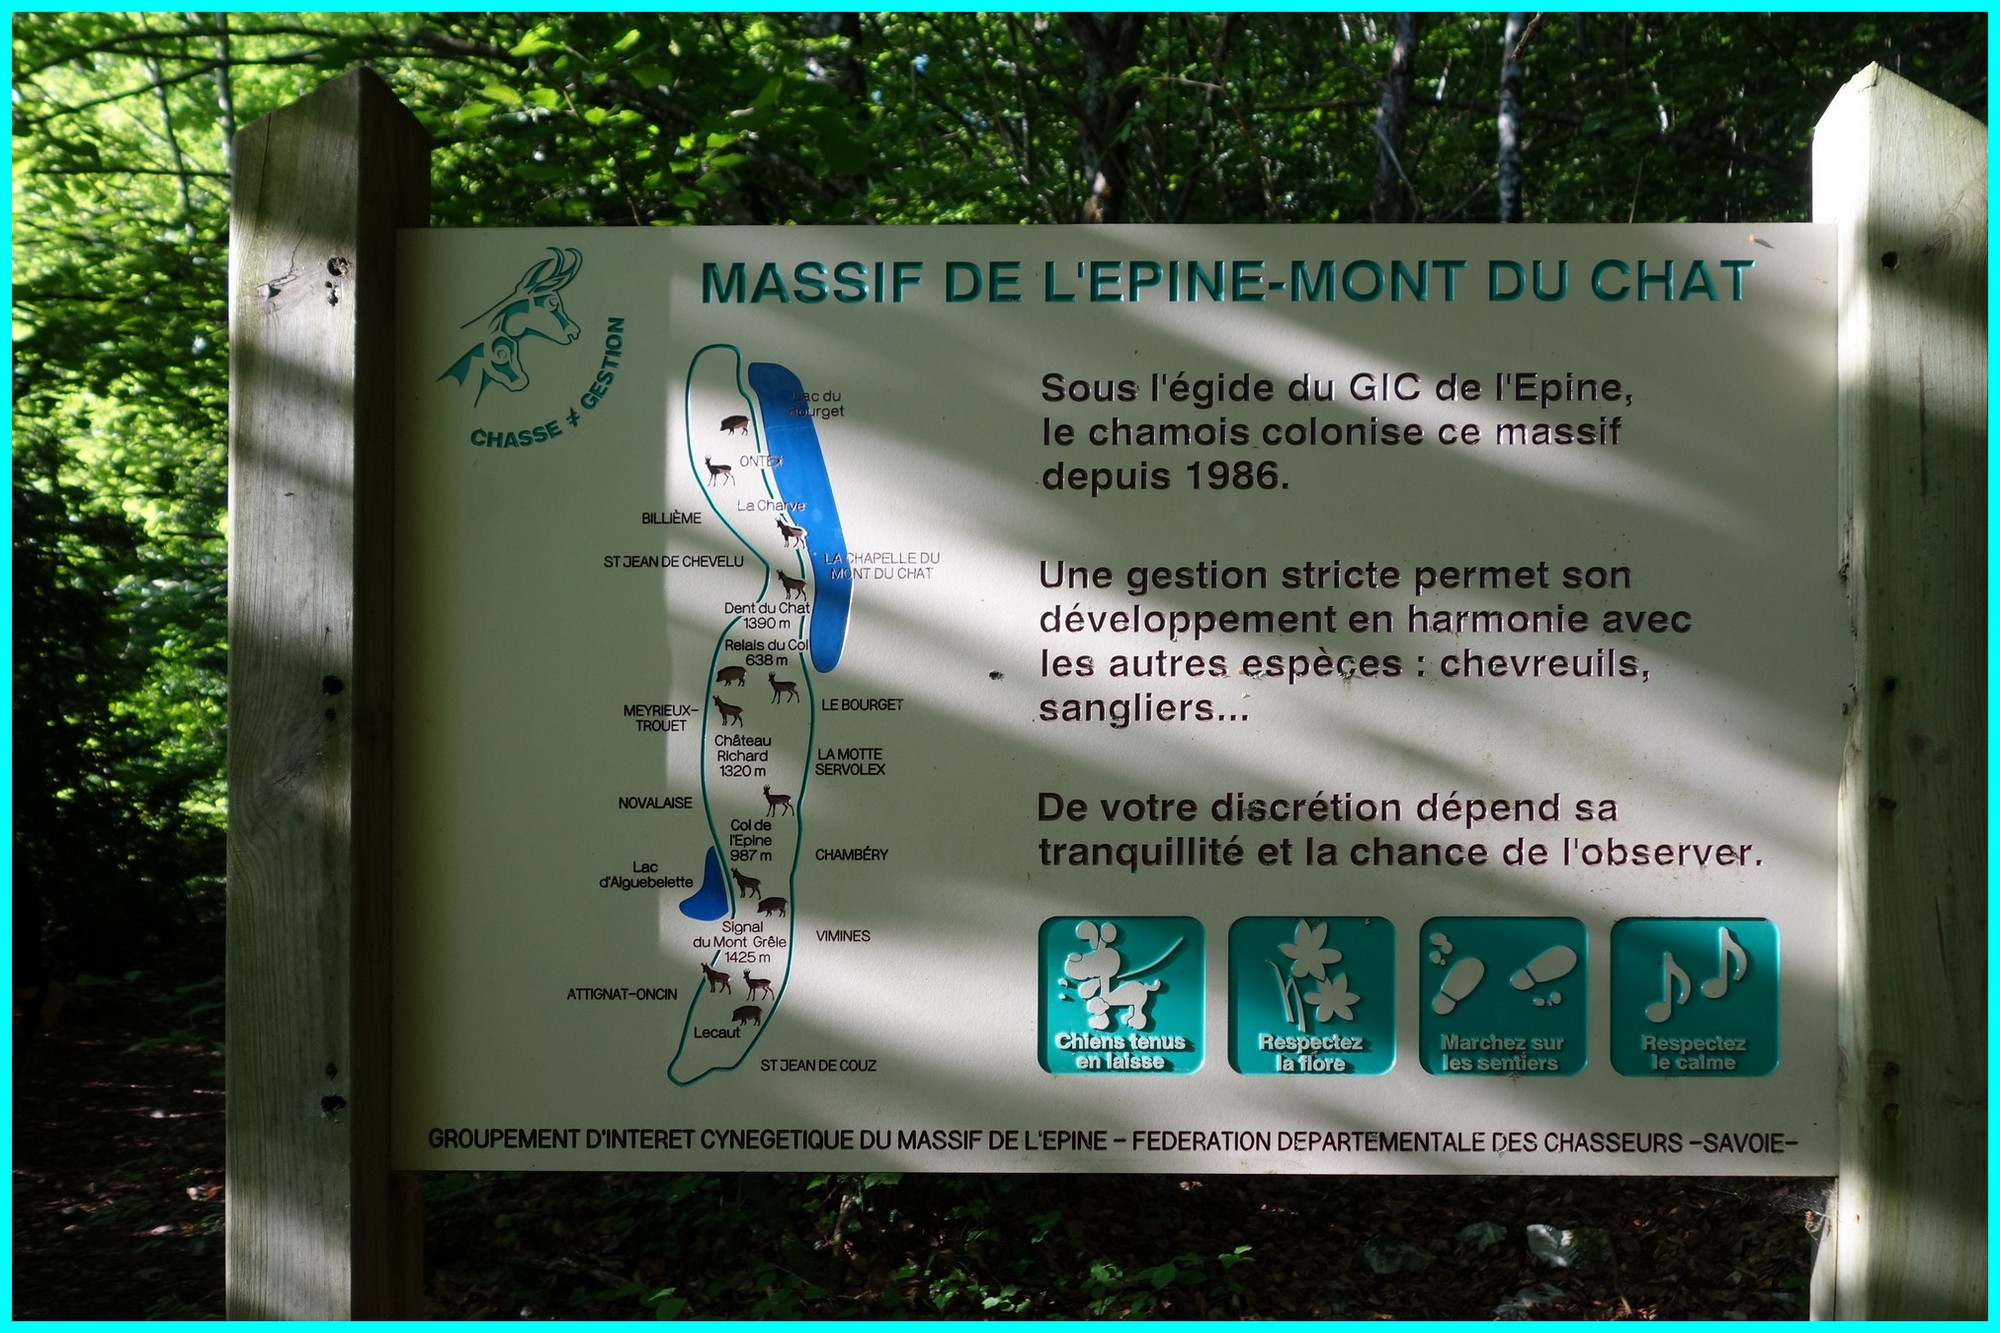 Panneau d'information sur la chaîne de l'Épine